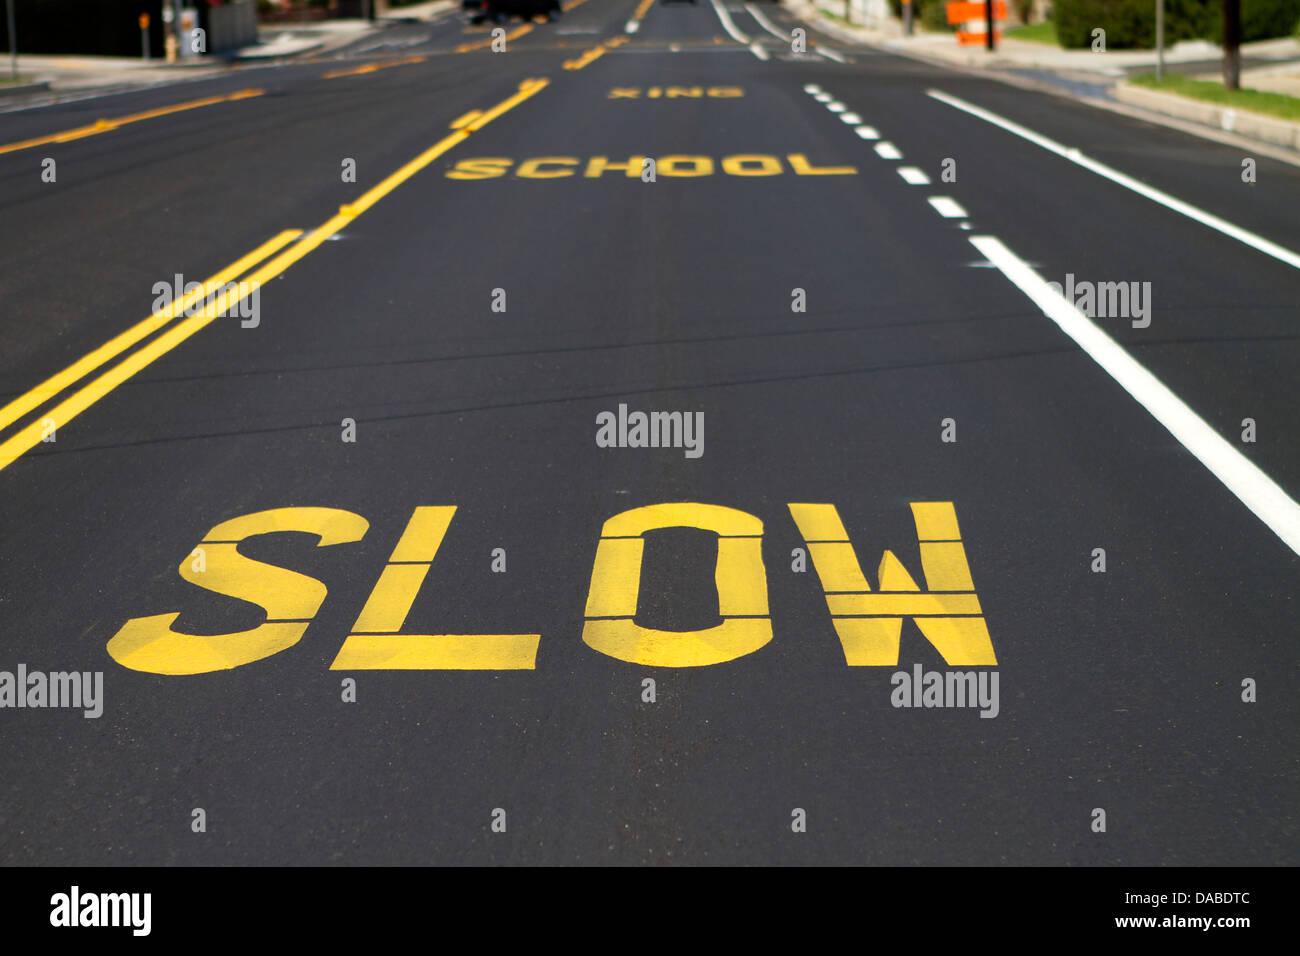 Le marquage routier à l'école des pilotes d'avertissement de passage en Amérique pour ralentir. Photo Stock